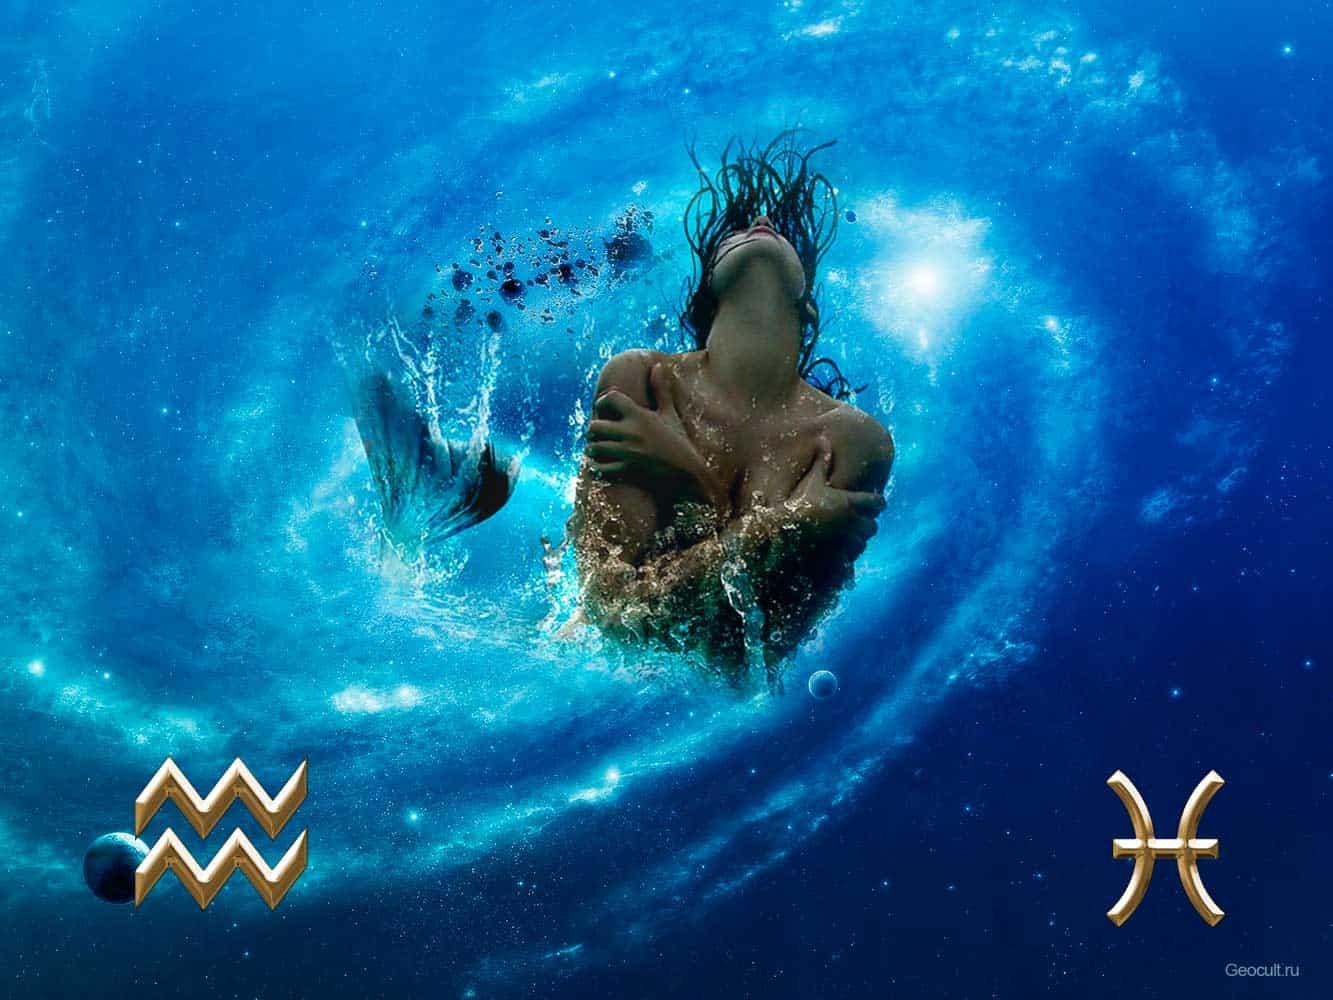 Водолей и Рыбы знаки Зодиака